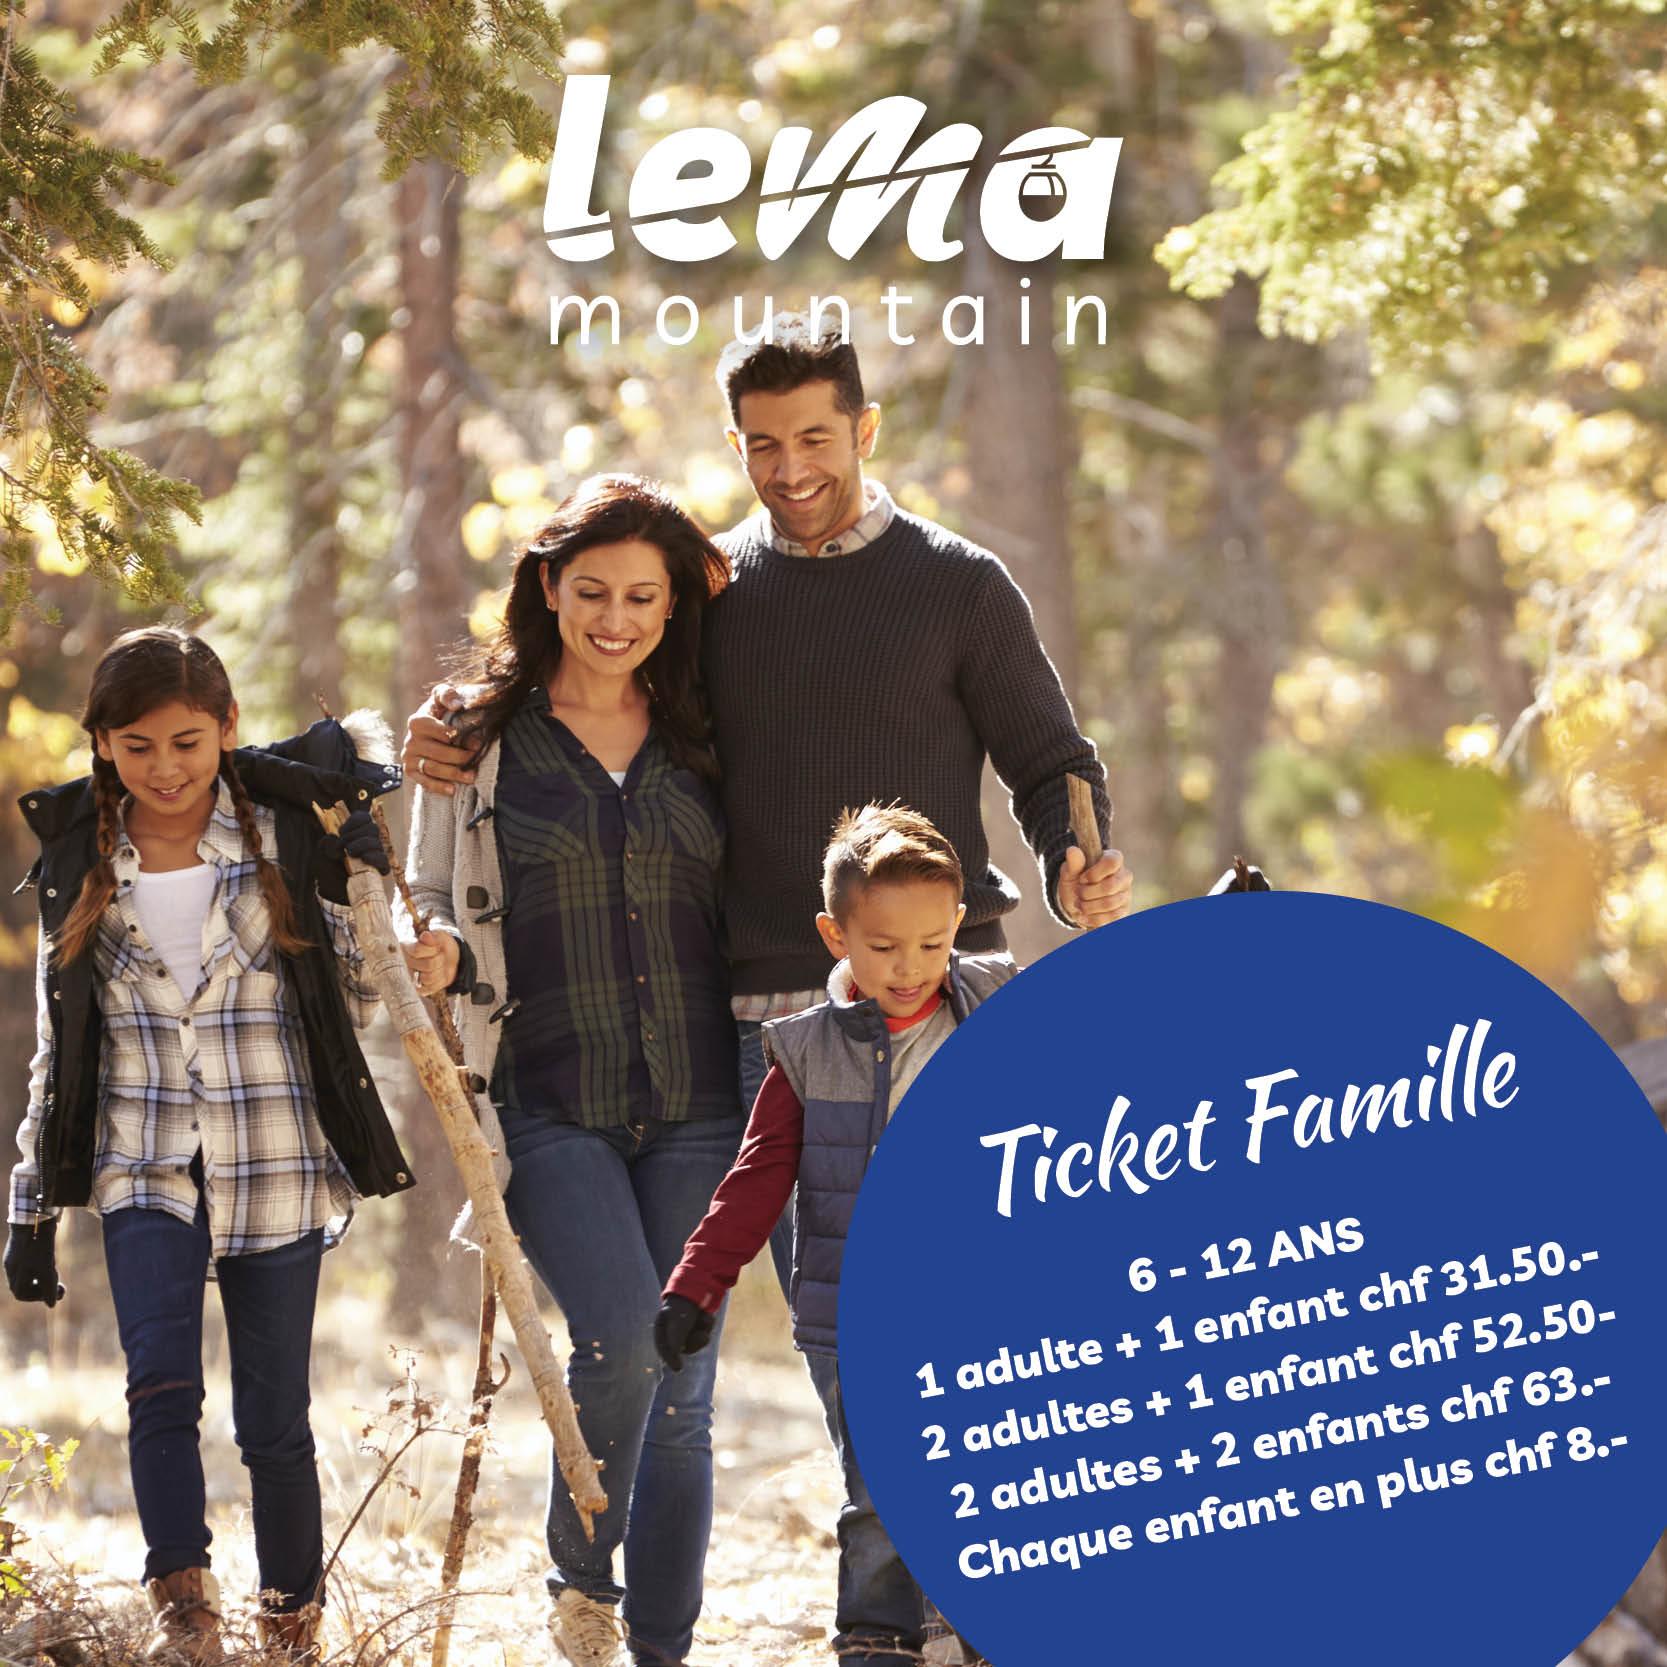 promozioni-famille-FR